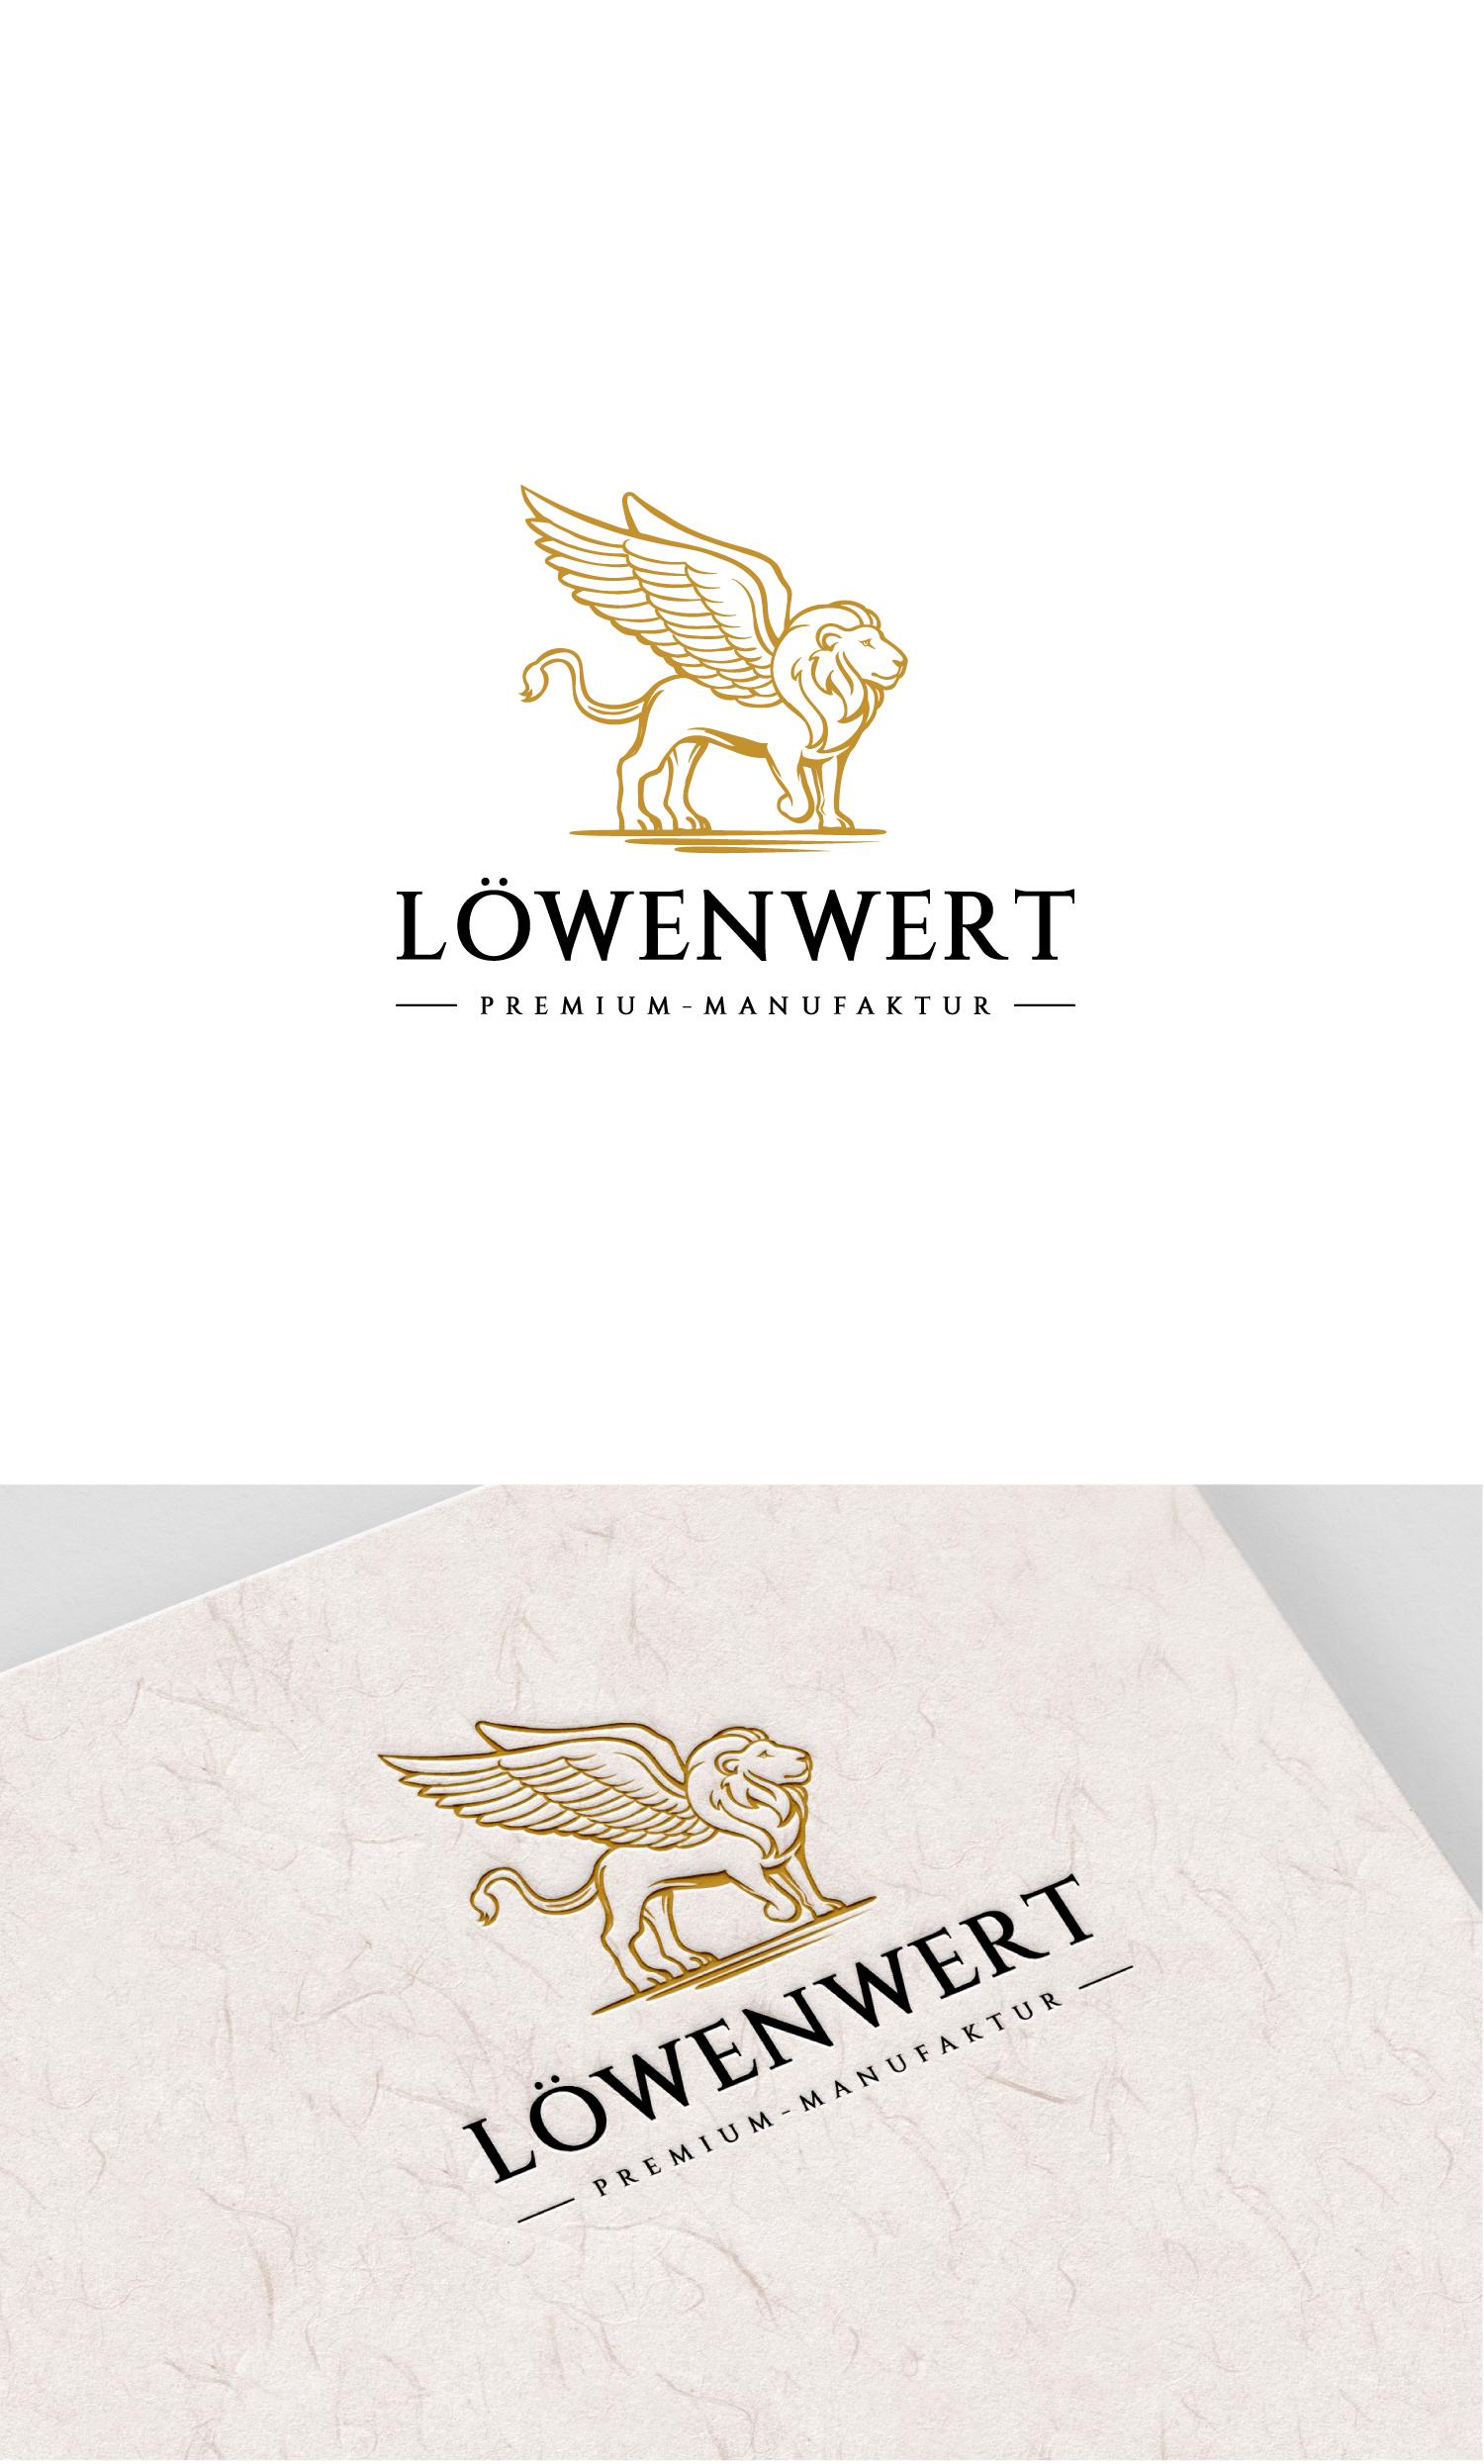 Löwenwert-Logo Design